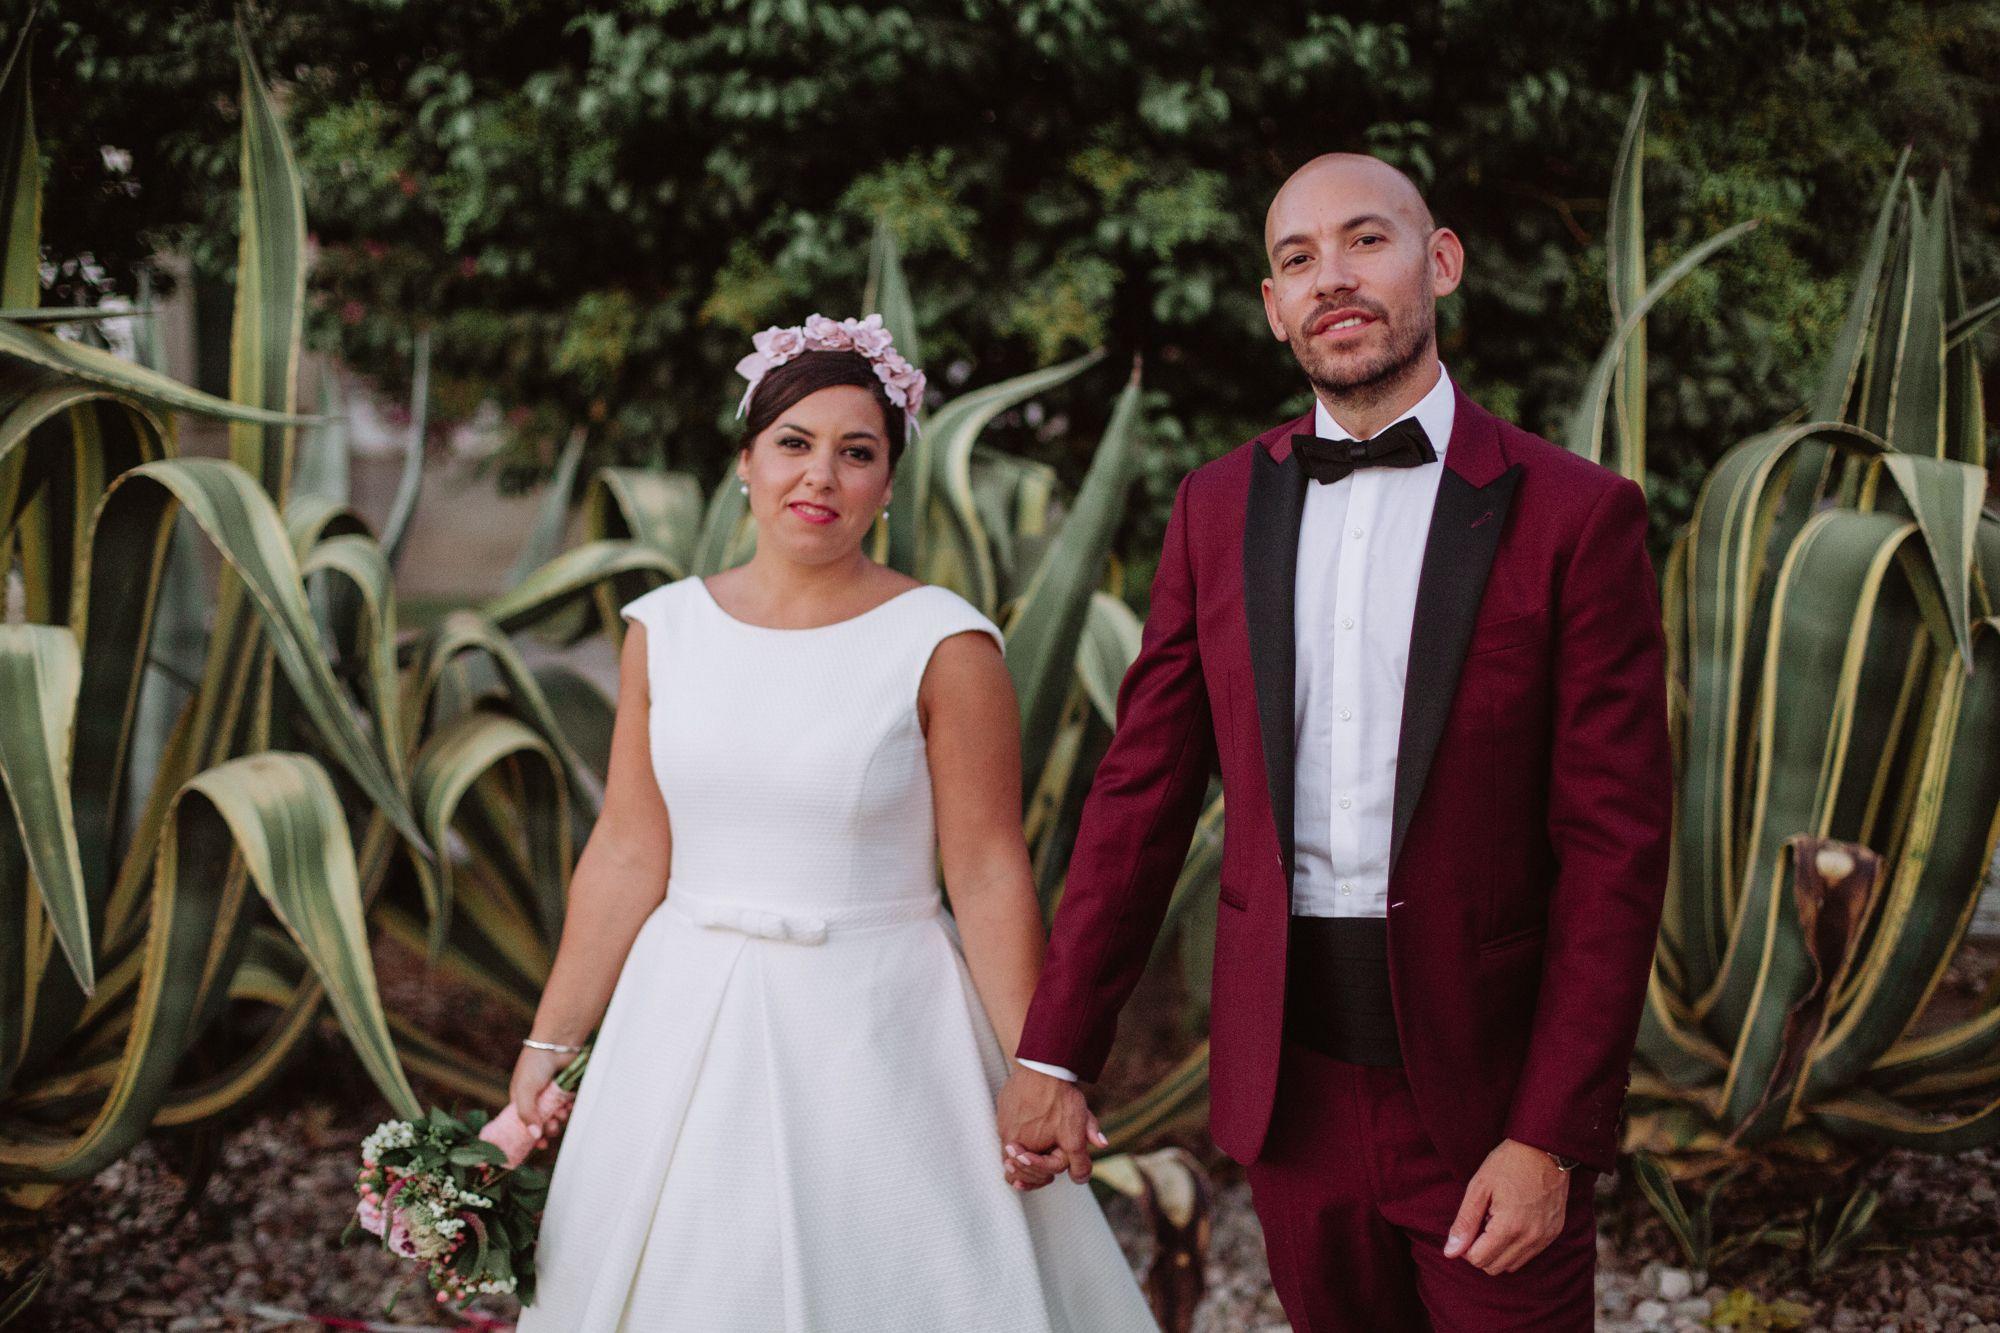 La boda de Amanda y Jorge en Villa Luisa 38